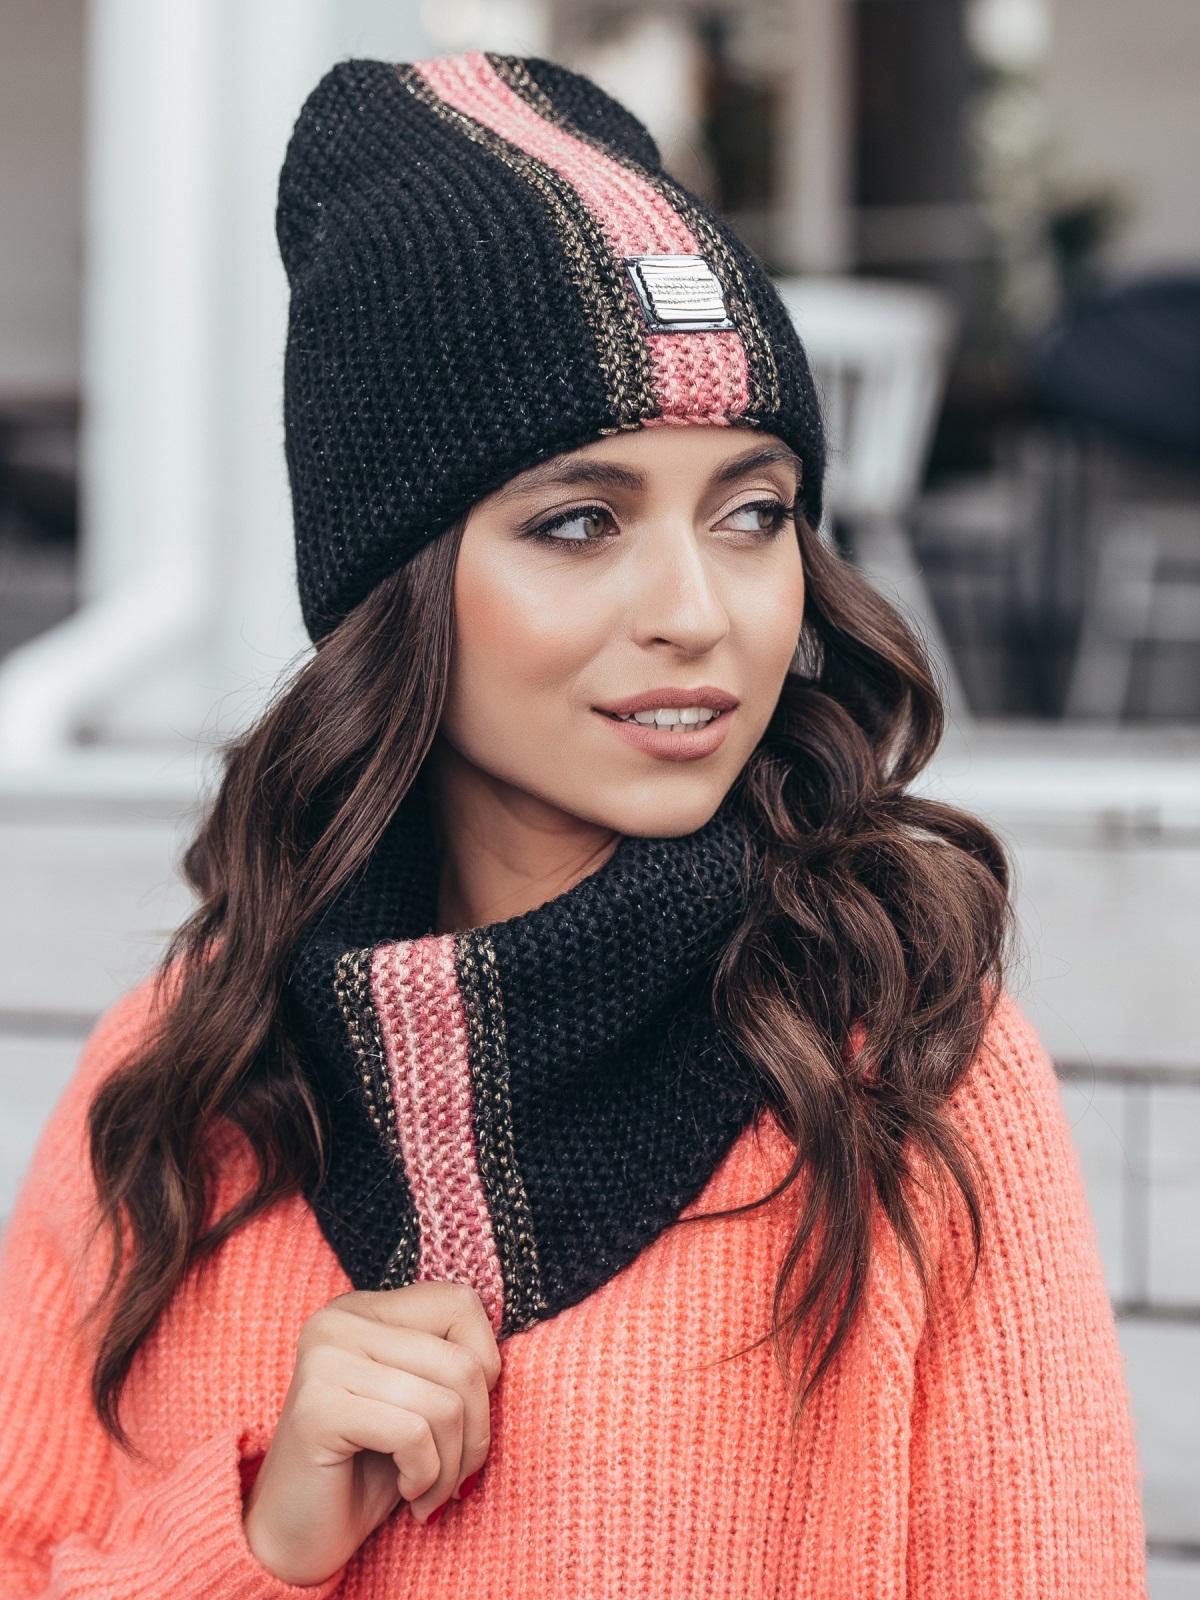 Комплект с контрастнй вязкой из шапки и хомута чёрный 40446, фото 1